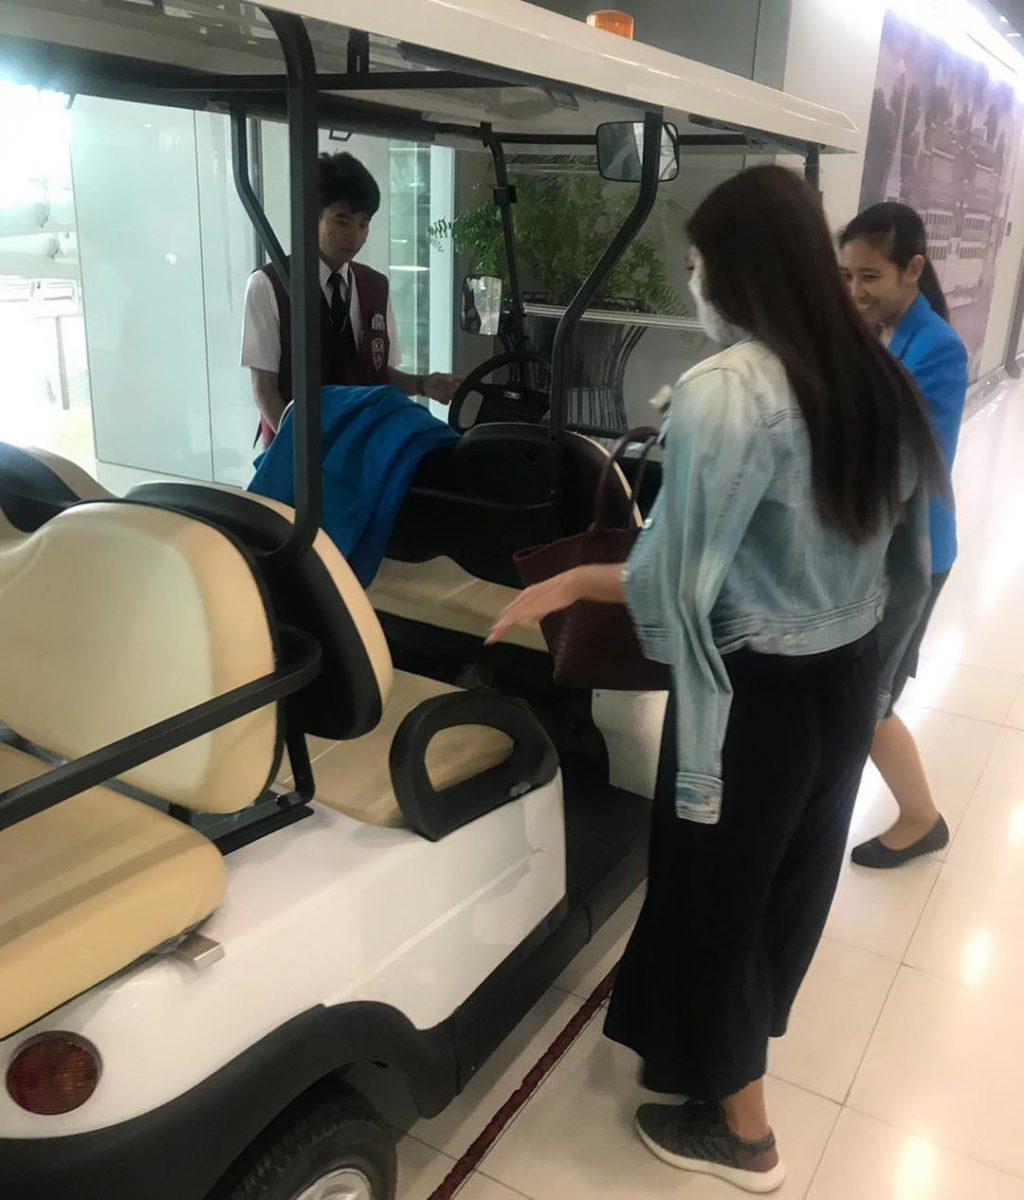 柴戸様ファストトラック①カート乗車